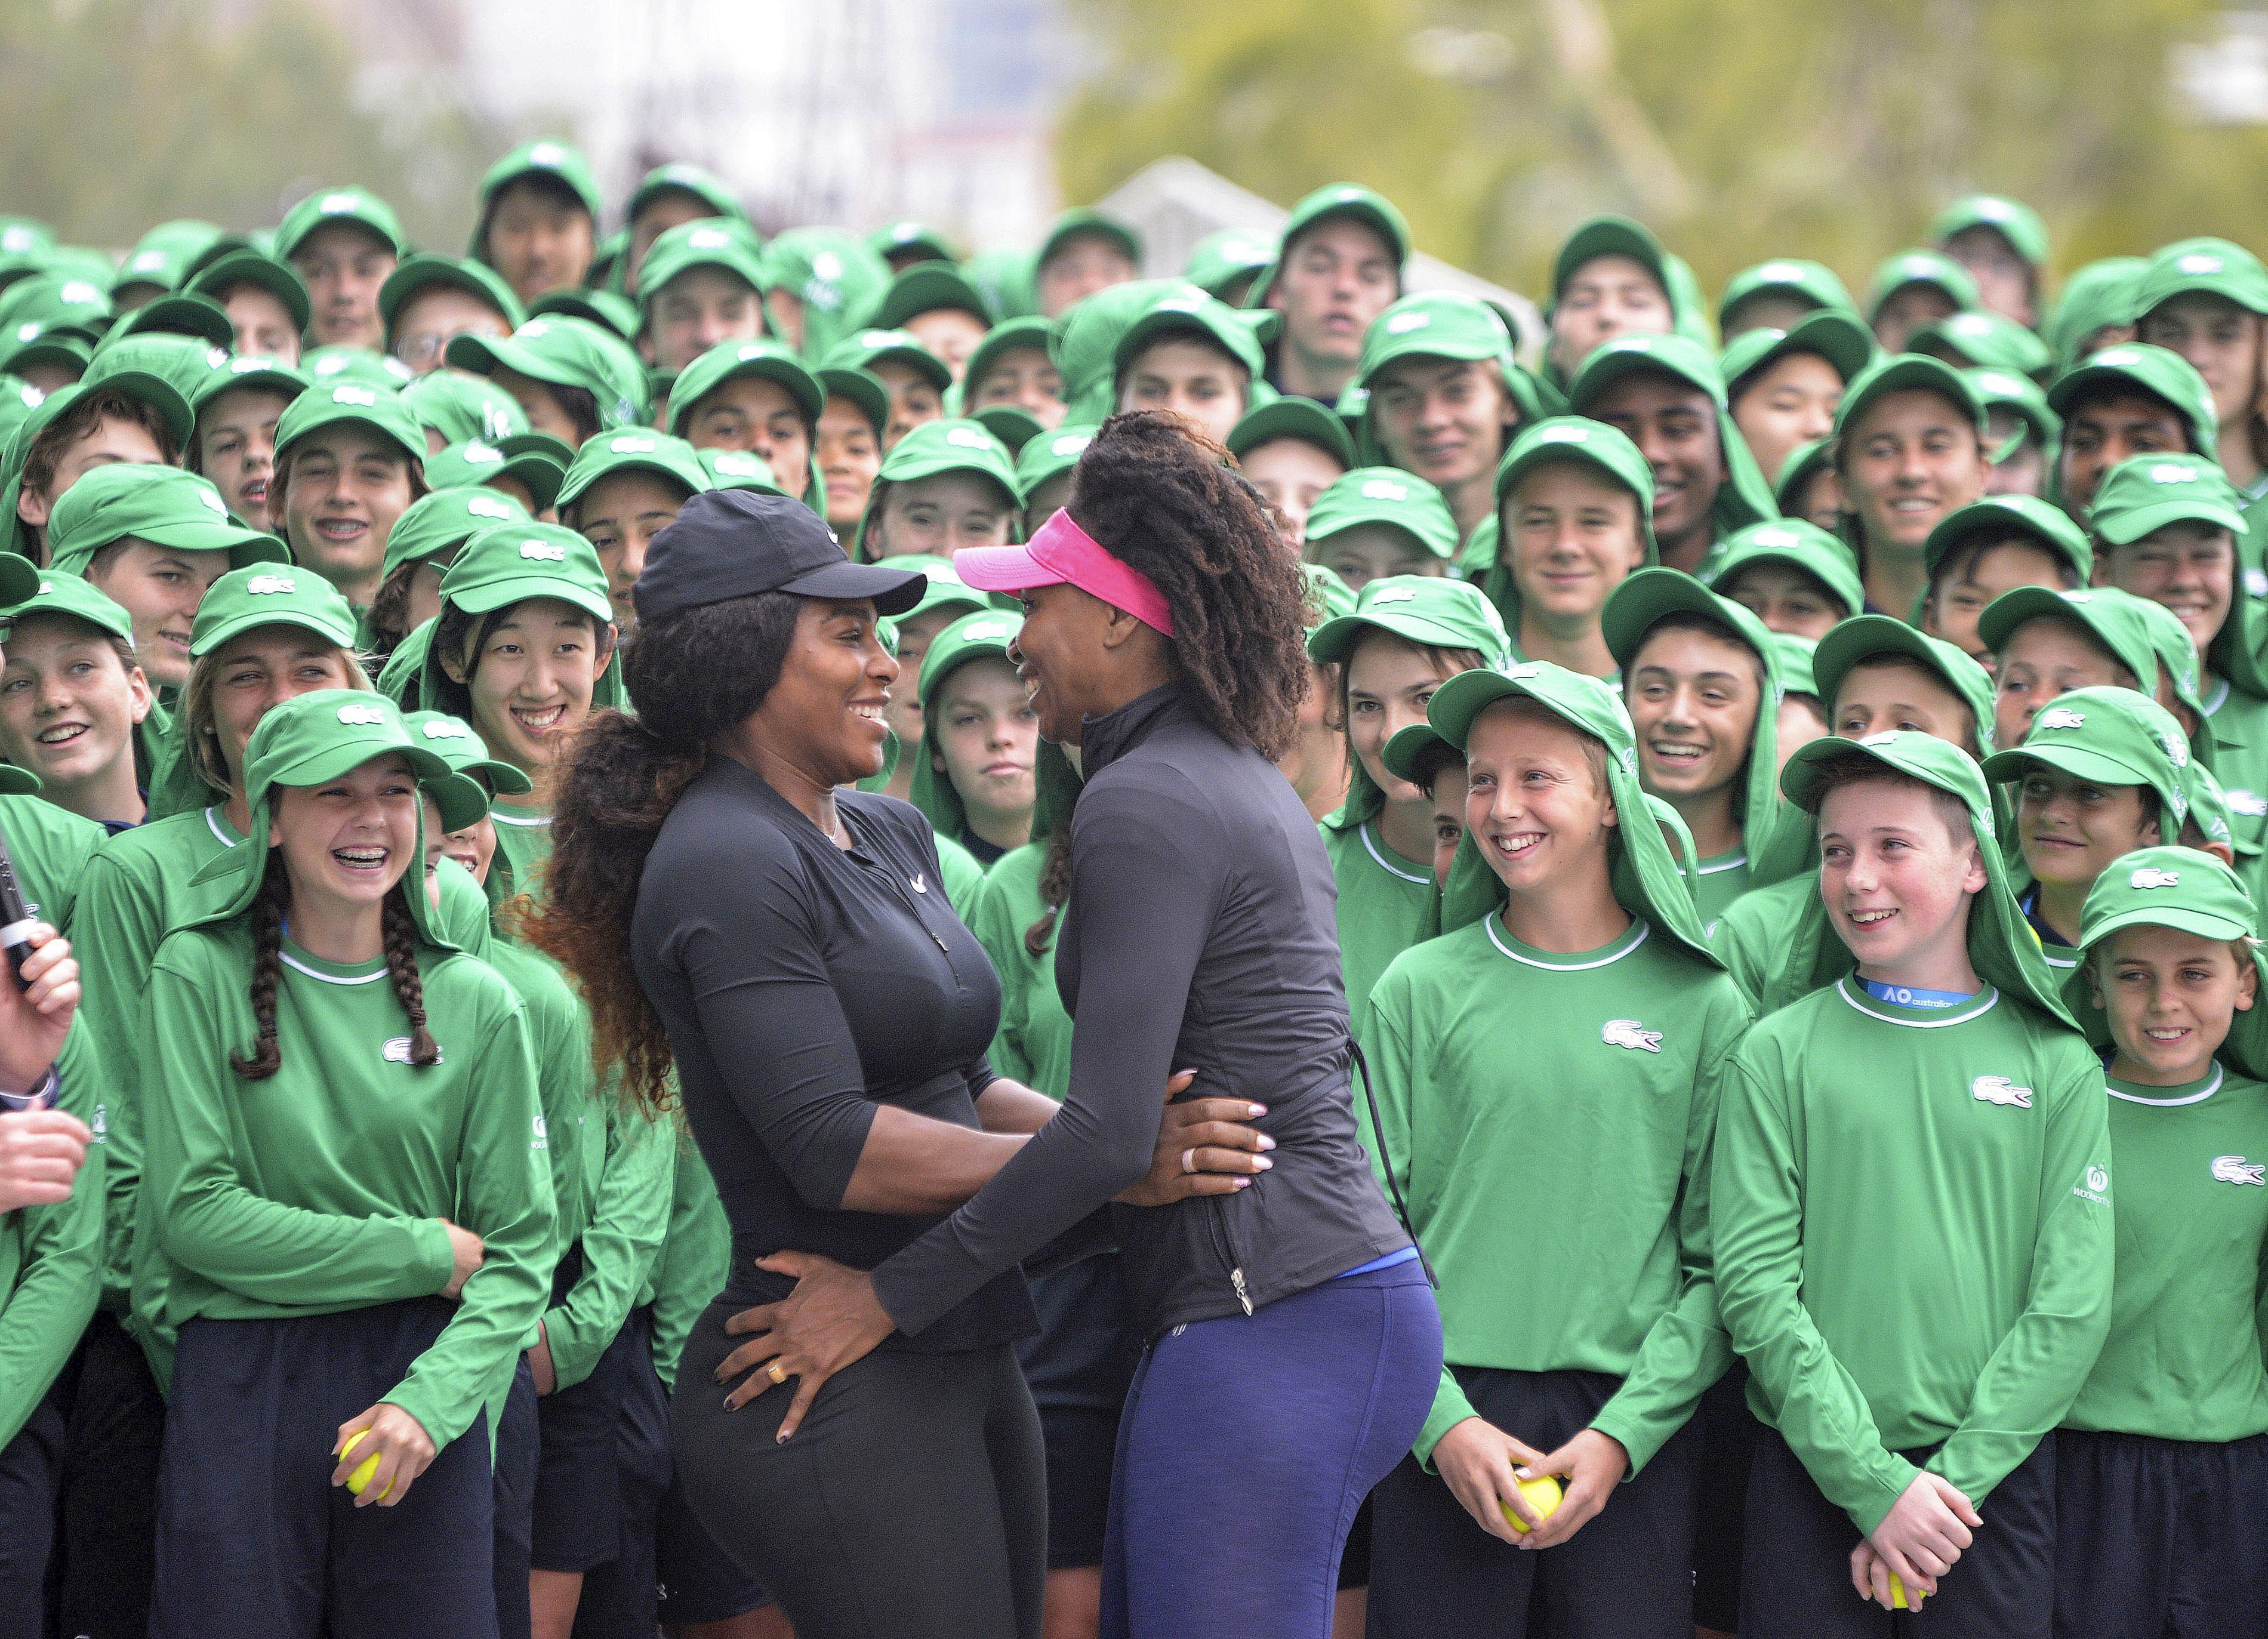 FOTO: Nu s-au putut abţine şi au comis-o! Surorile Williams, gest INDECENT în faţa mai multor copii